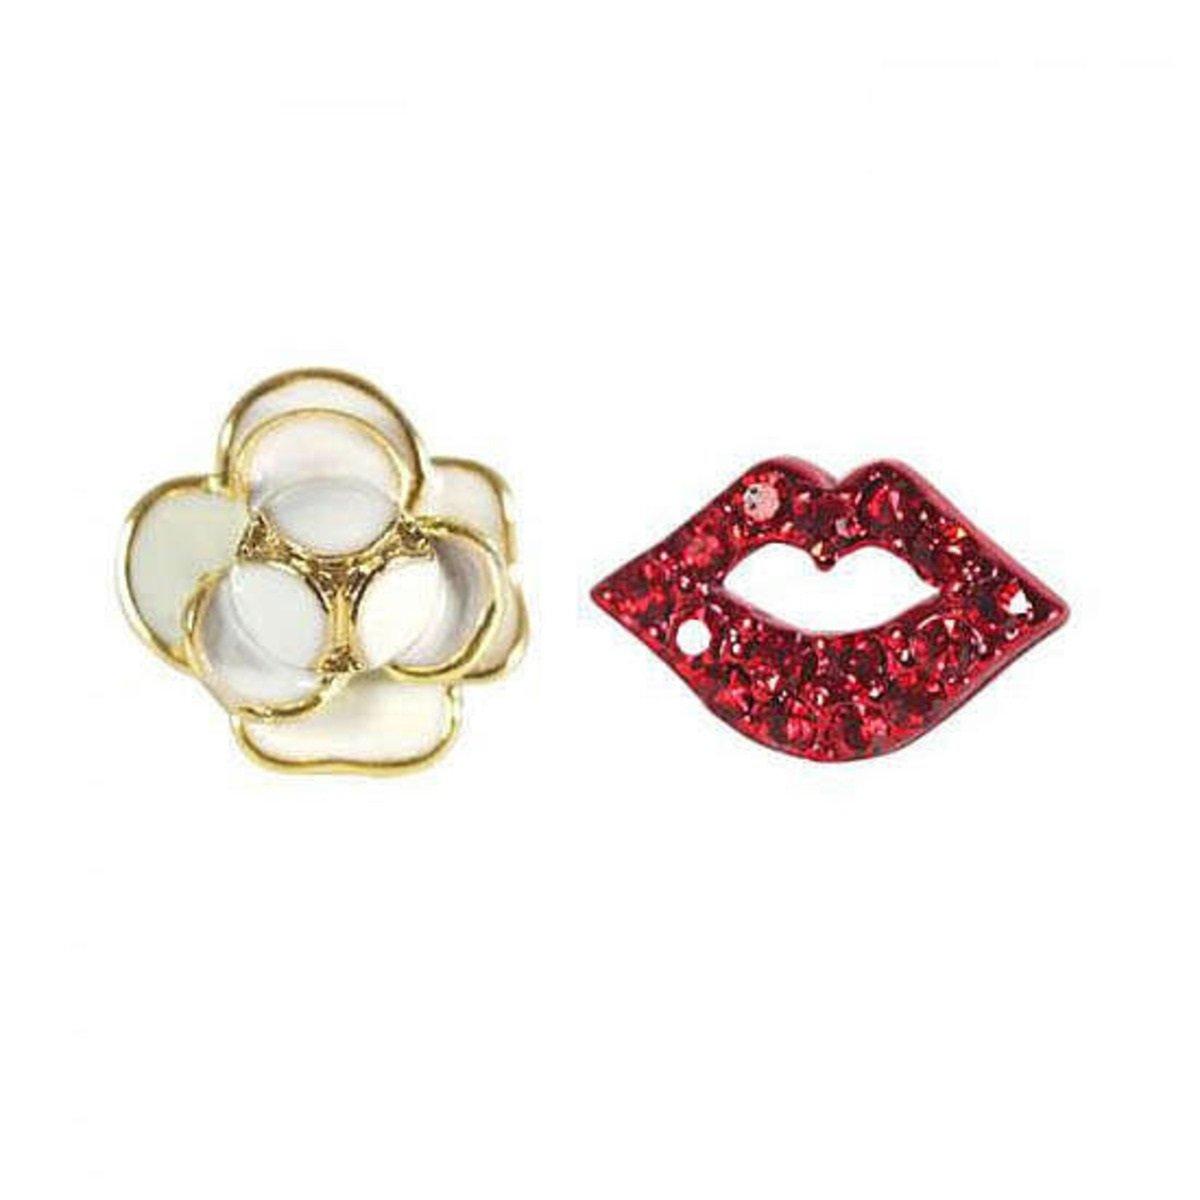 花朵紅唇不對稱耳環